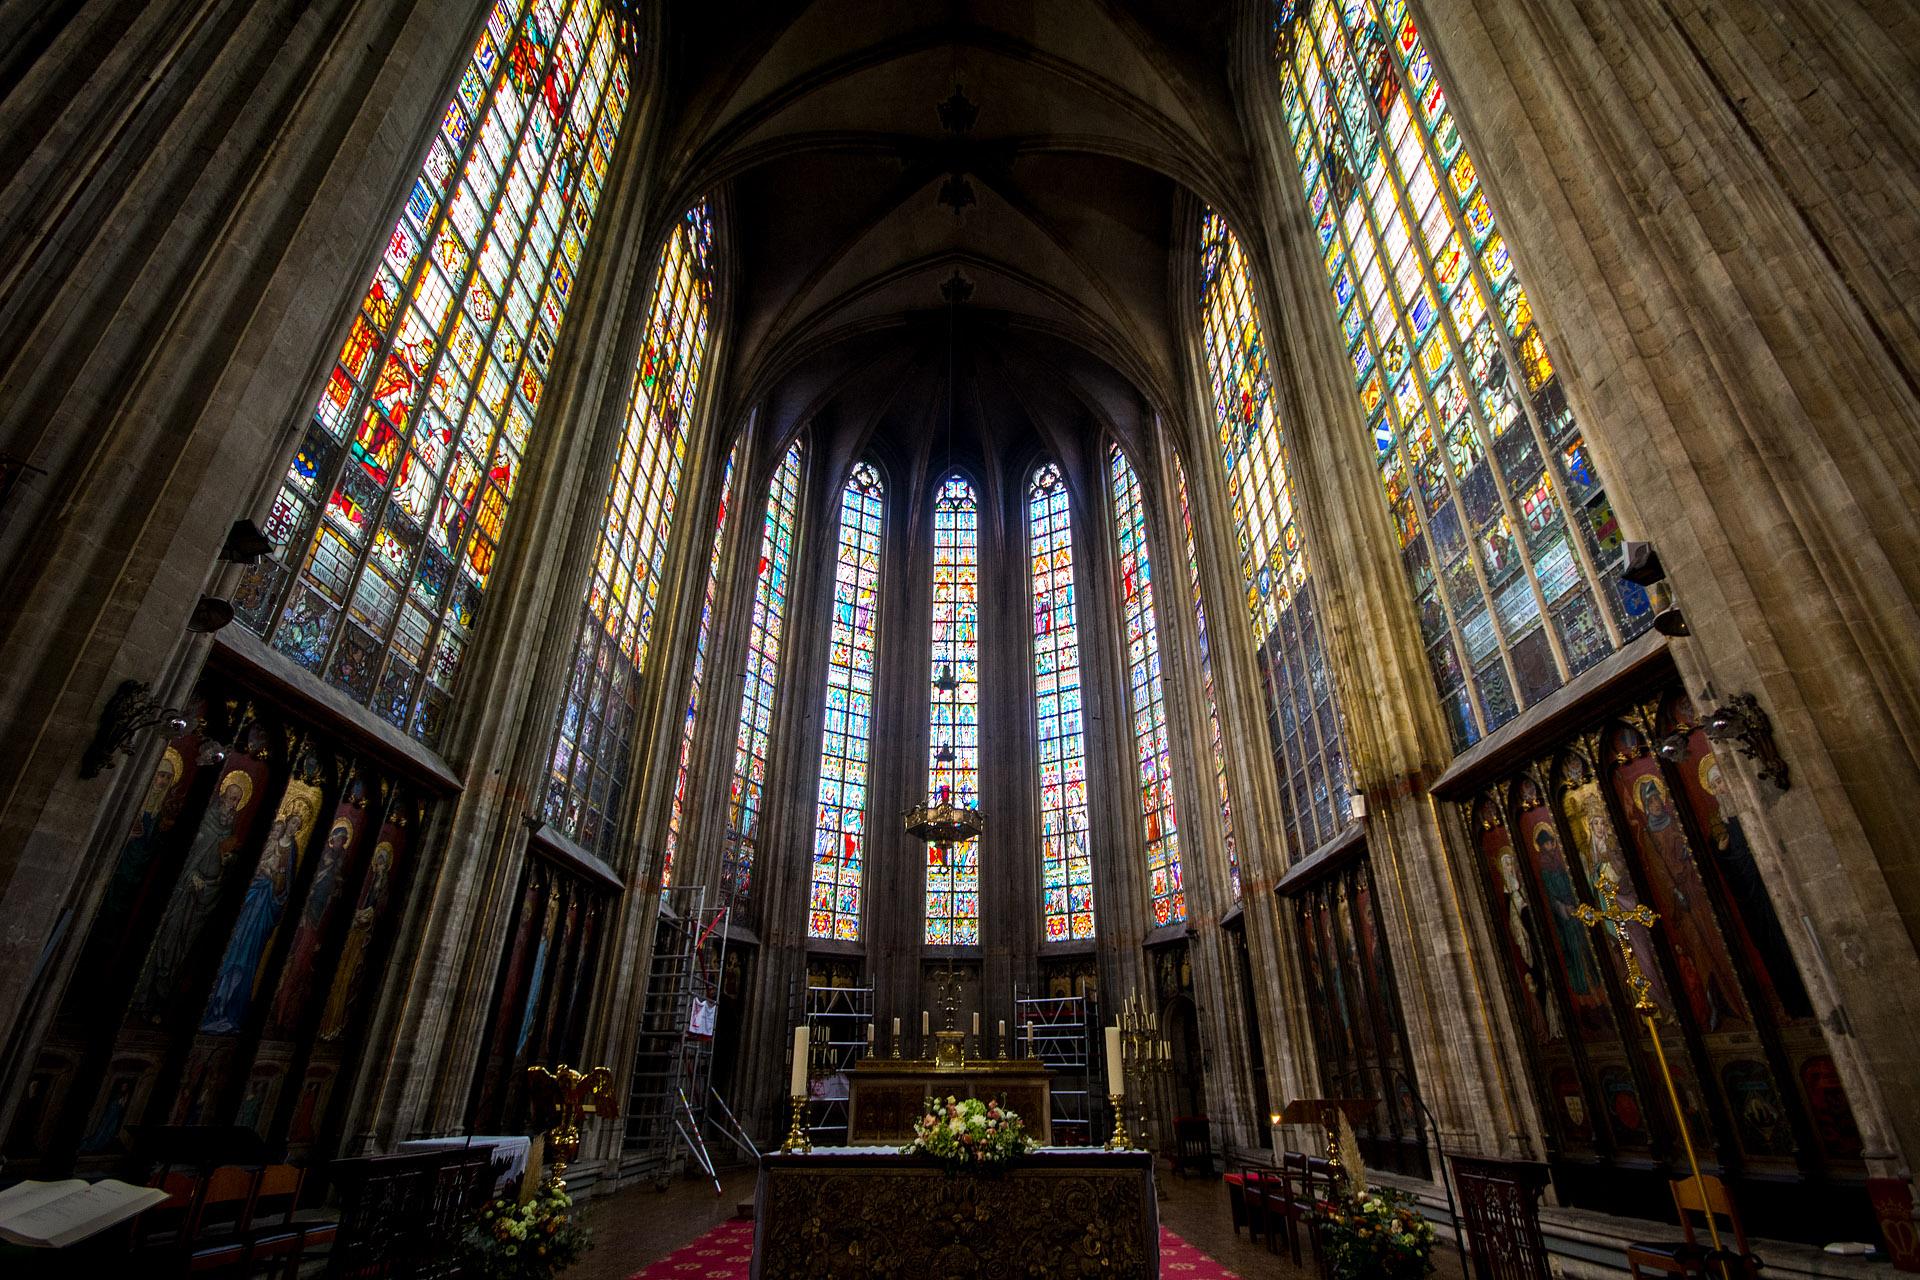 Notre-Dame du Sablon (Church of Our Lady)